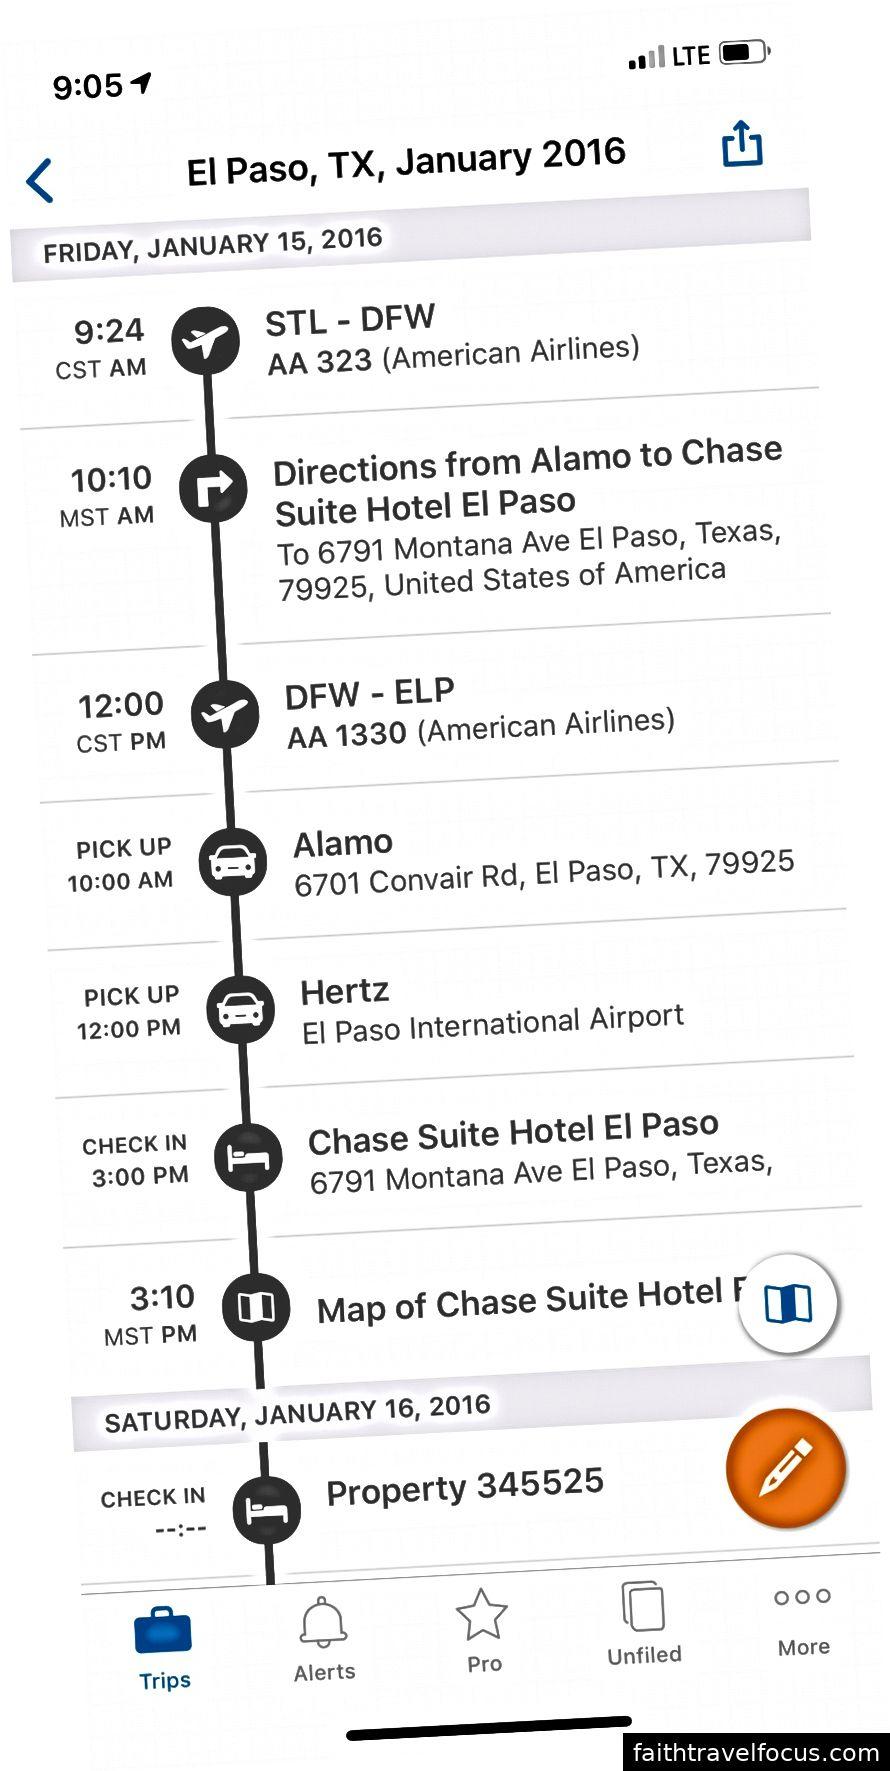 Tôi đã sử dụng TripIt để tổ chức chuyến đi hơn 10 người tới El Paso, TX và Las Cruces, NM cho sinh nhật lần thứ 30 của tôi.